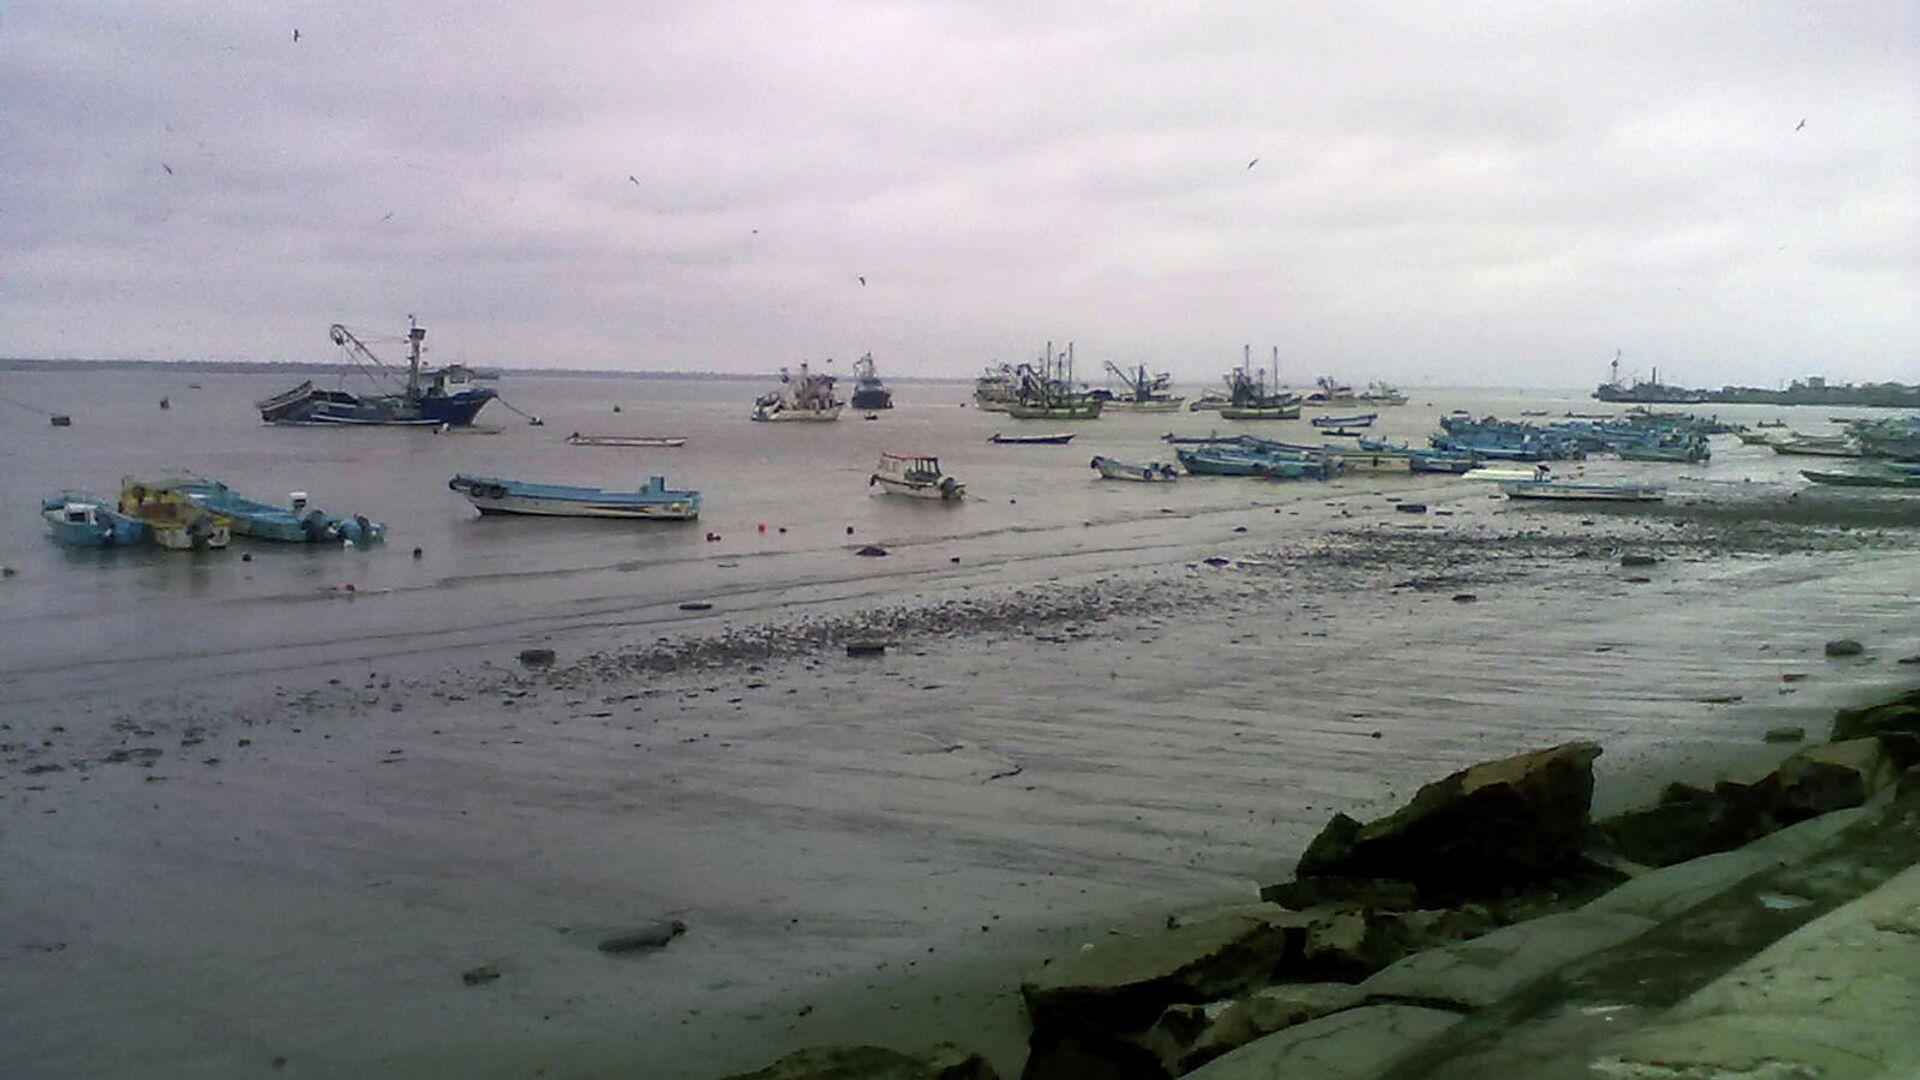 Puerto pesquero de Posorja.  - Sputnik Mundo, 1920, 10.05.2021